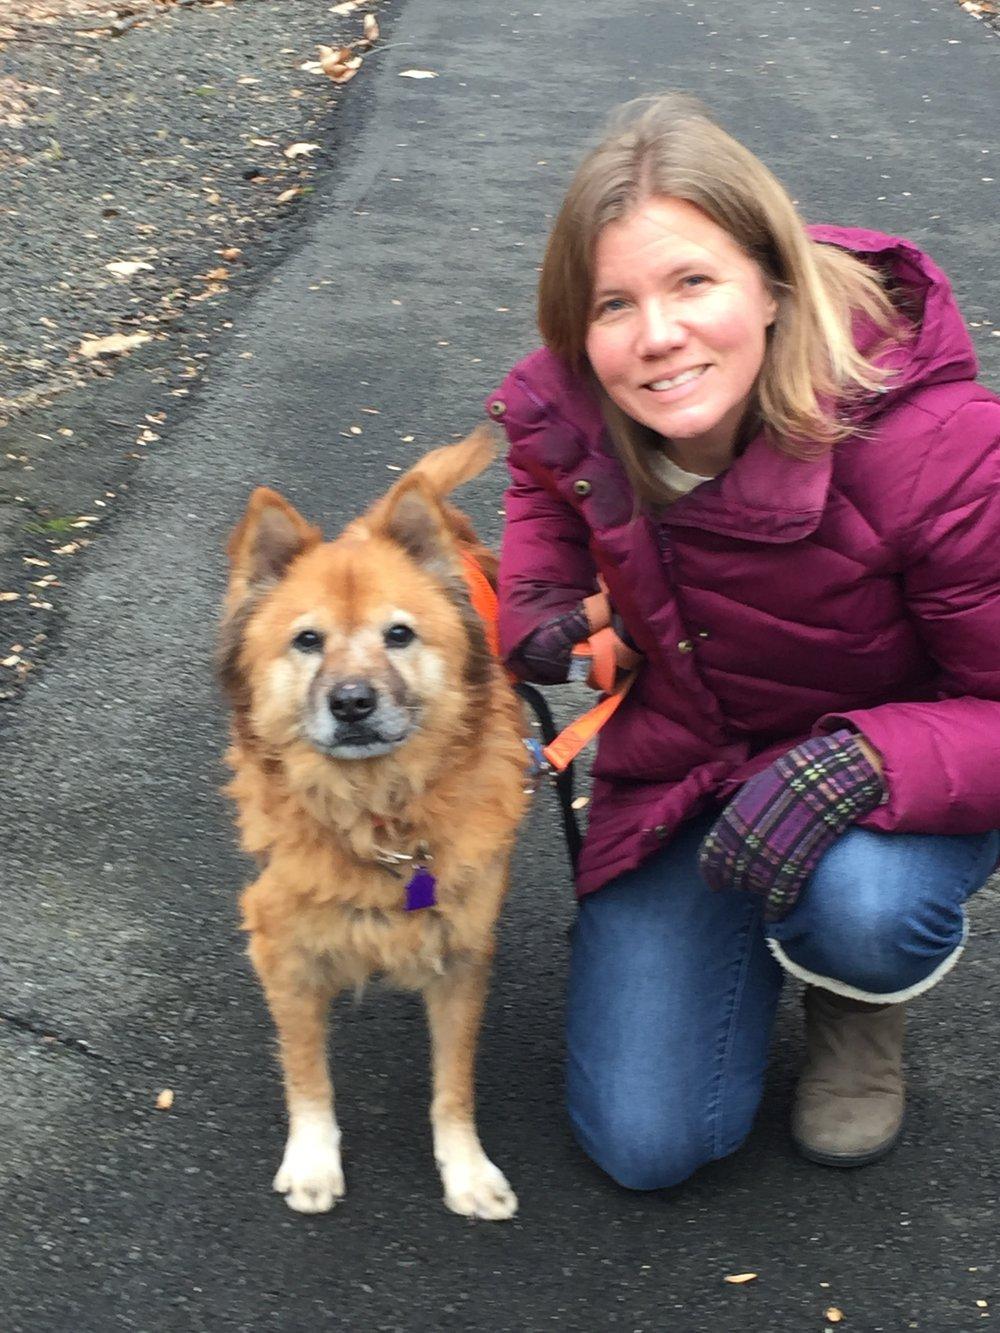 Wearing my favorite winter coat while walking a St. Hubert's dog, Kaylla.